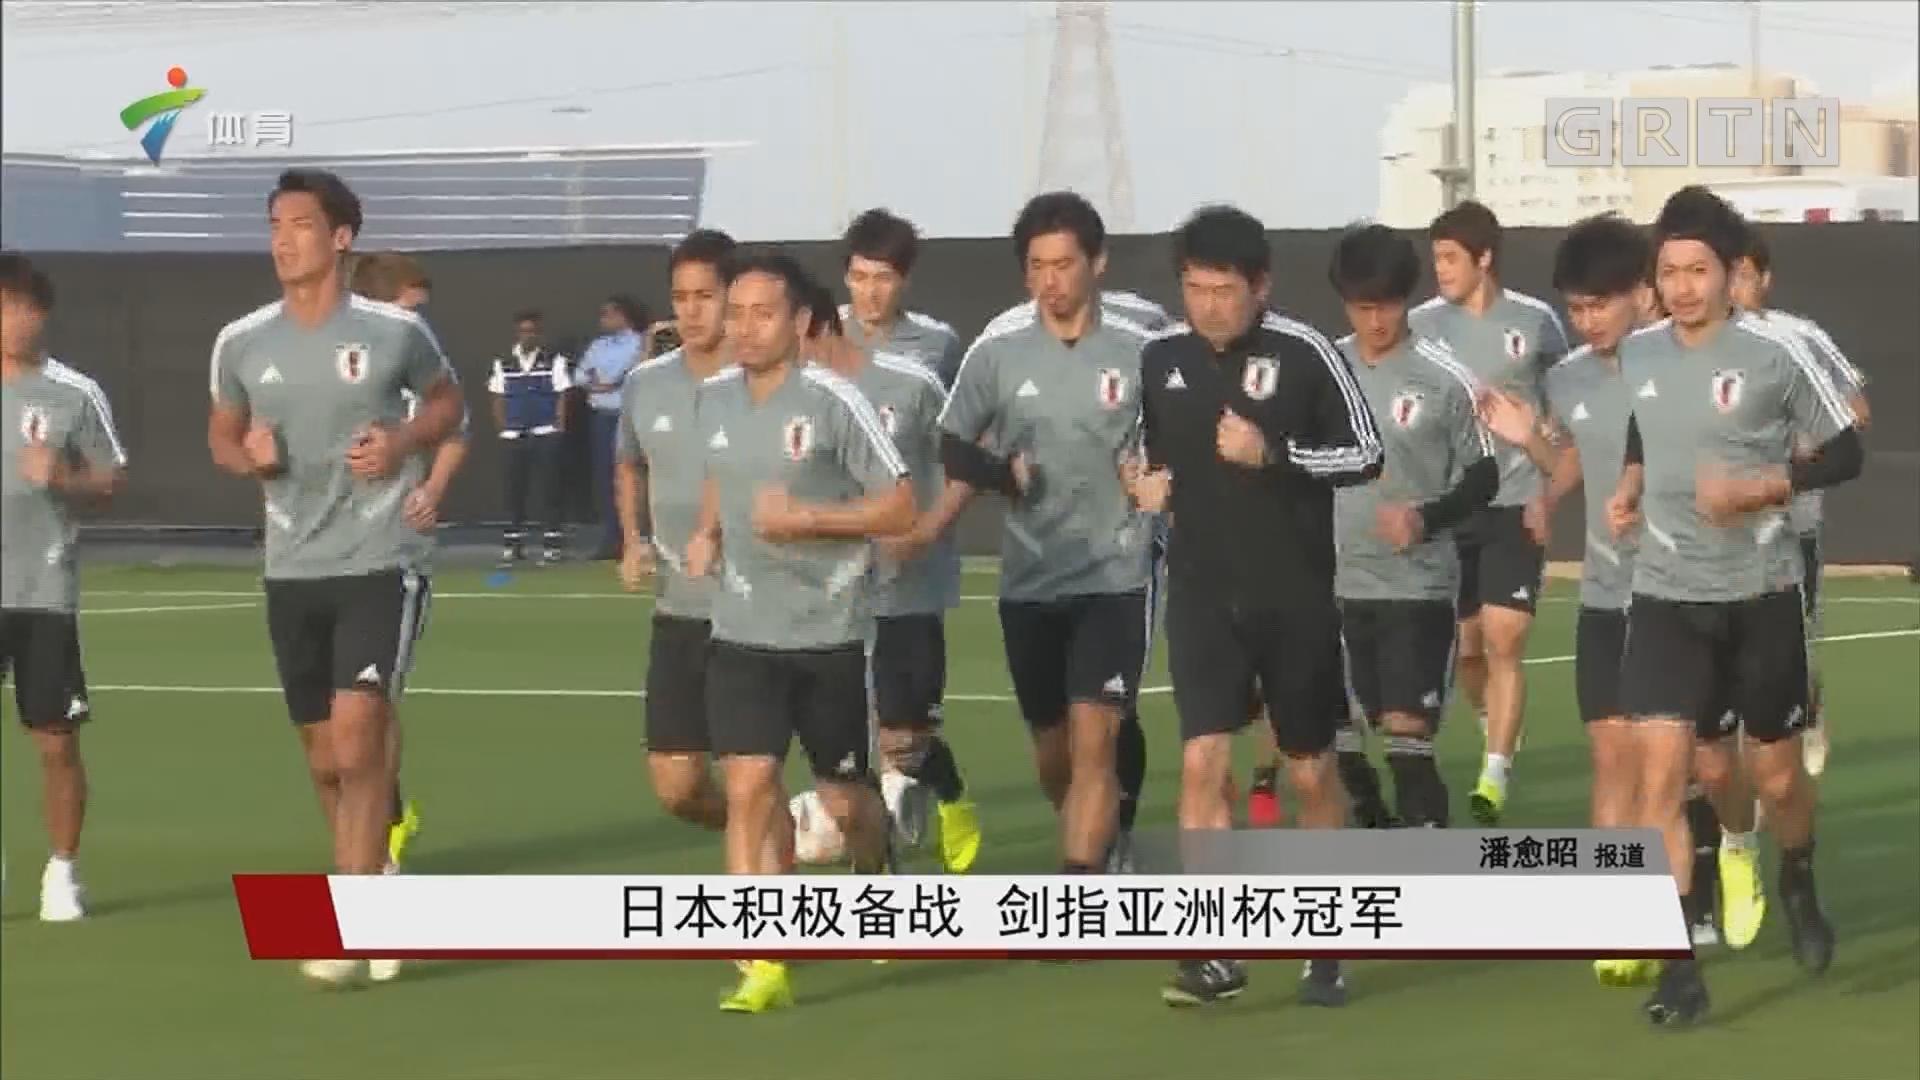 日本积极备战 剑指亚洲杯冠军